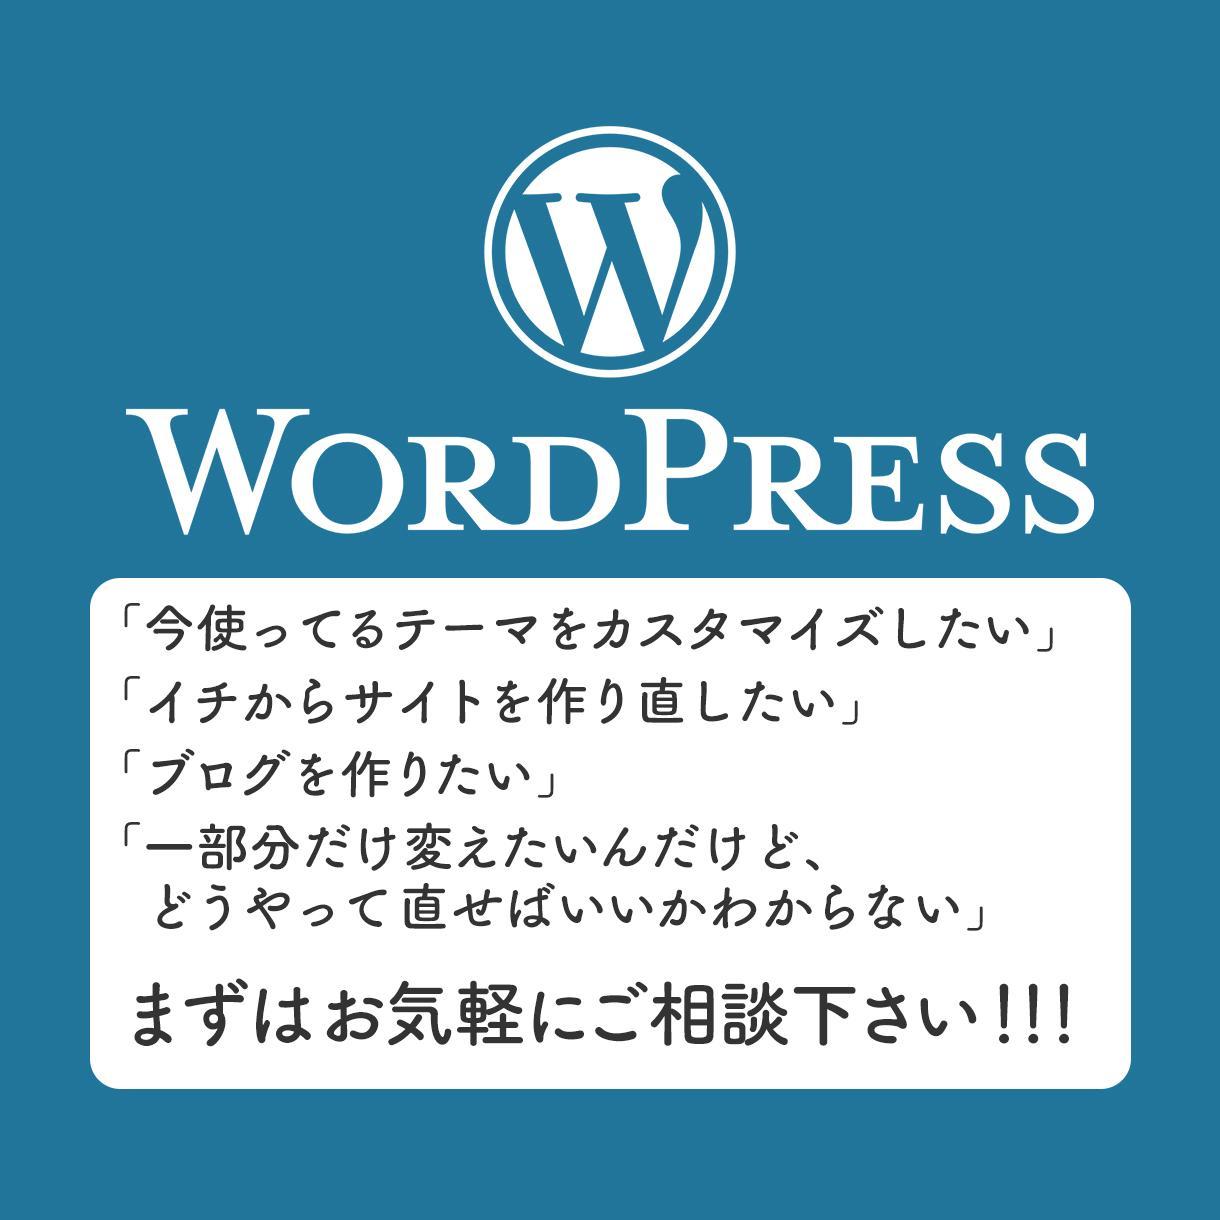 WordPressサイト制作やります、手伝います 現役のフリーWebエンジニアが全力でお助けいたします!